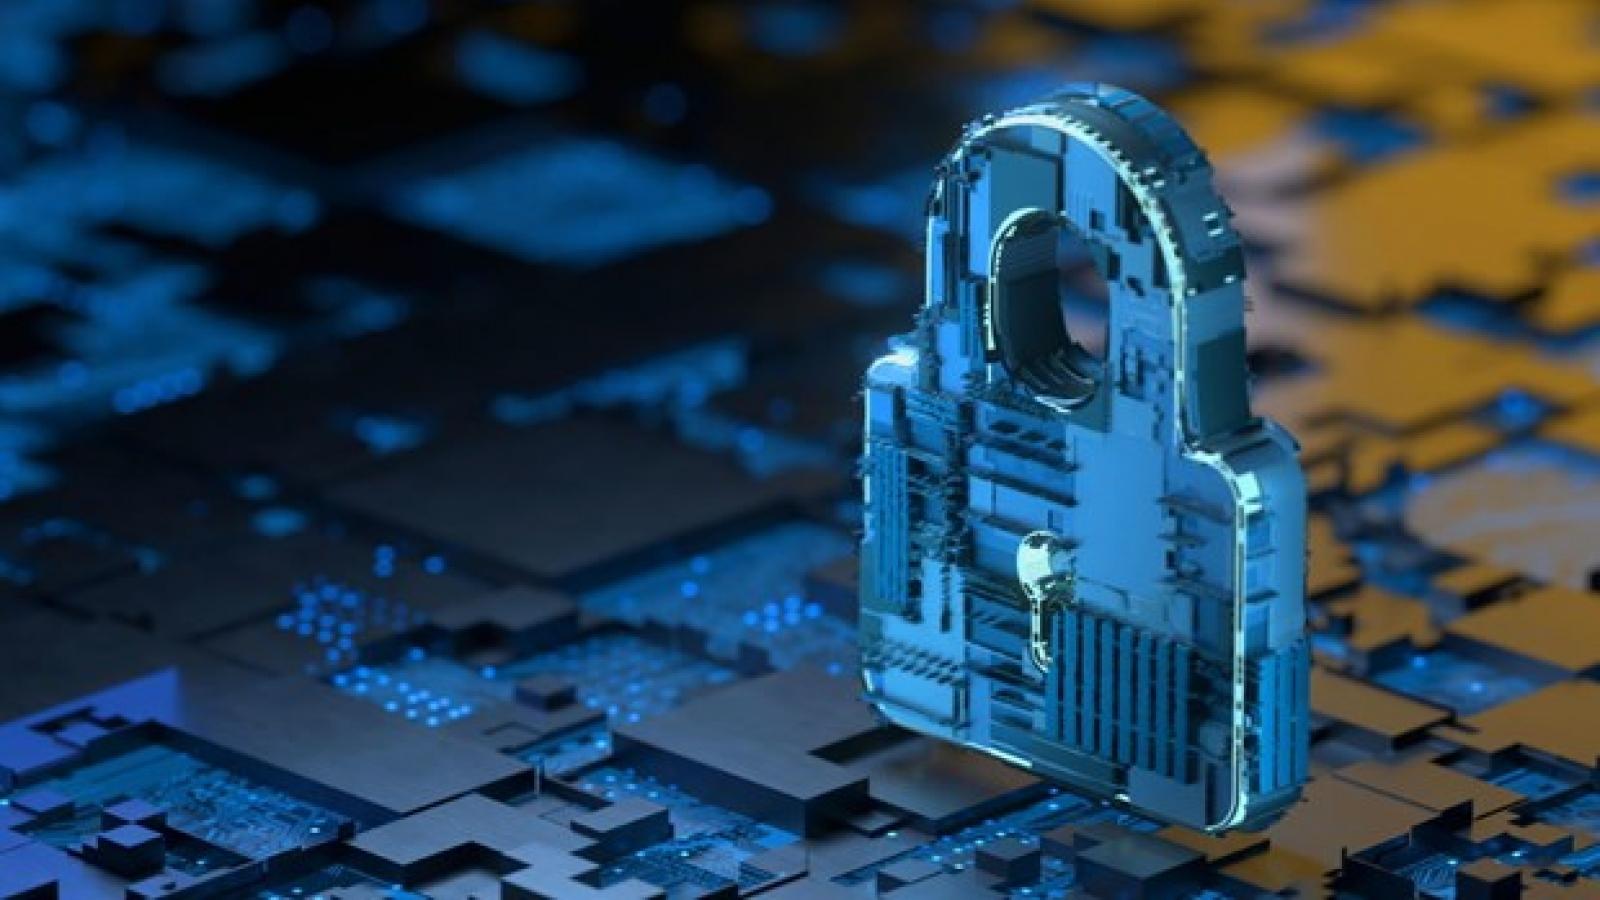 """Ba """"ông lớn"""" công nghệ hợp tác với chính phủ Mỹ bảo đảm an ninh mạng"""